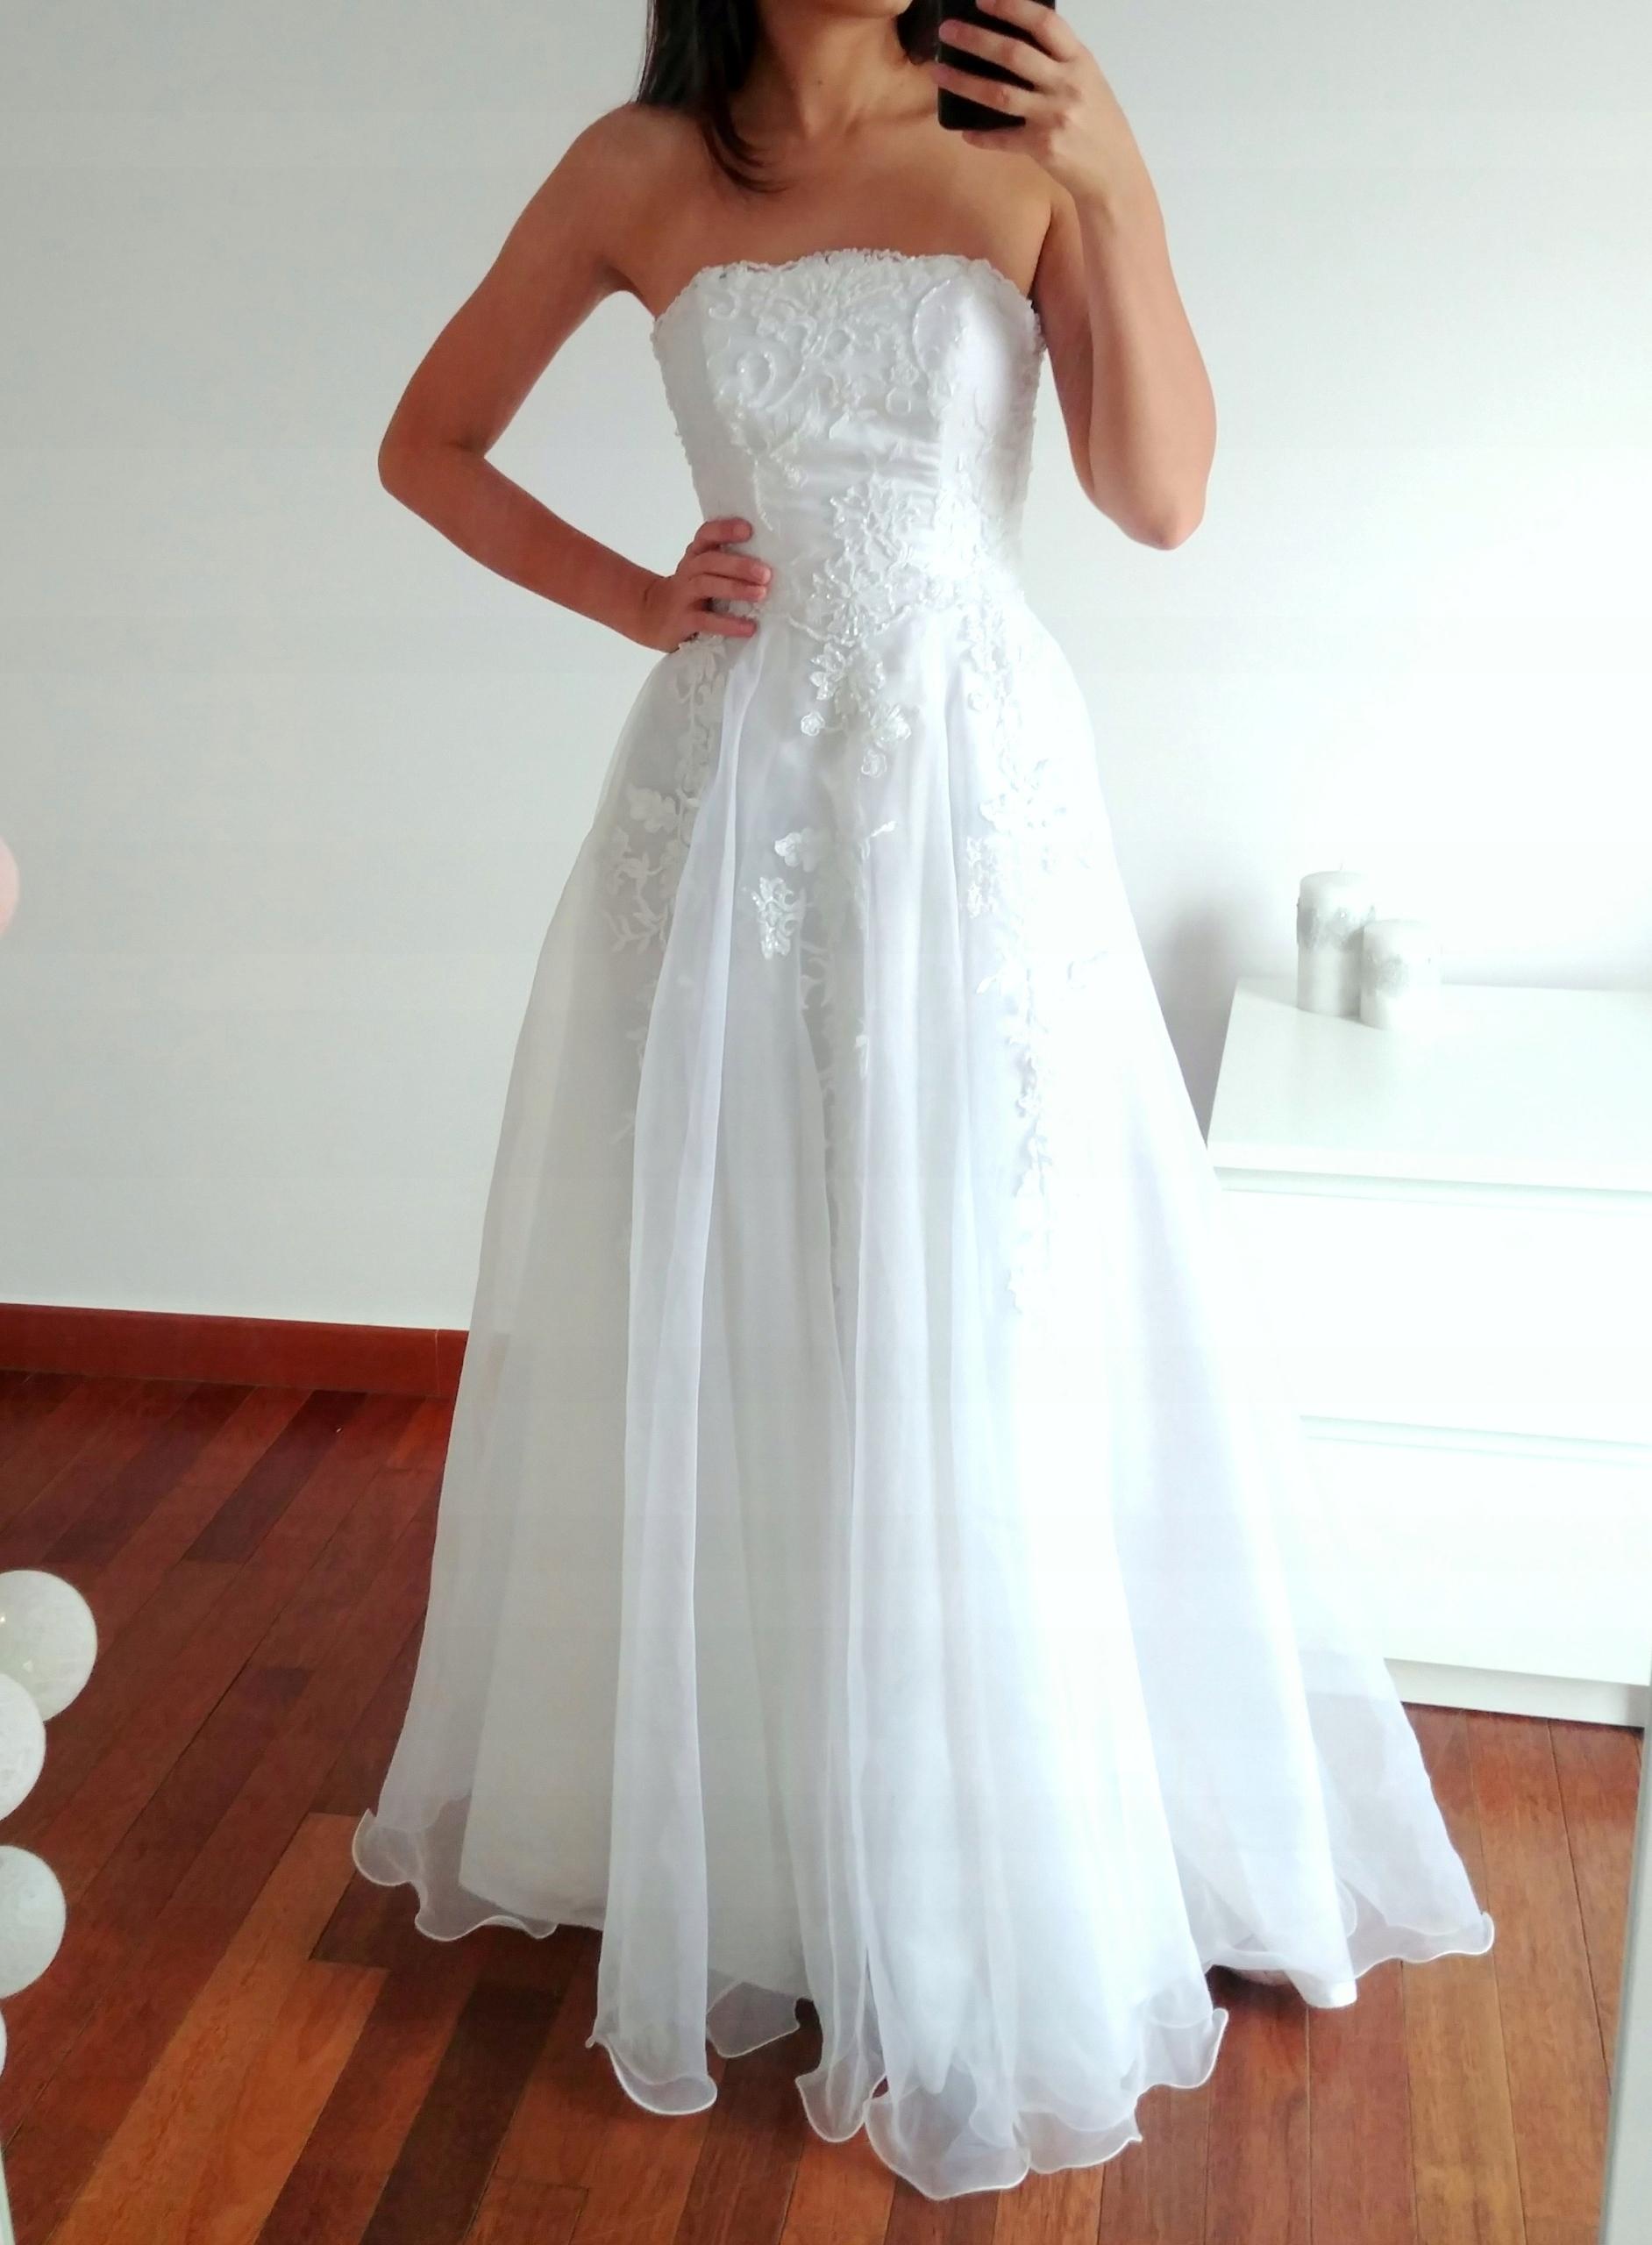 Suknia ślubna Biała Gorset Hafty 34 Xs 7564508583 Oficjalne